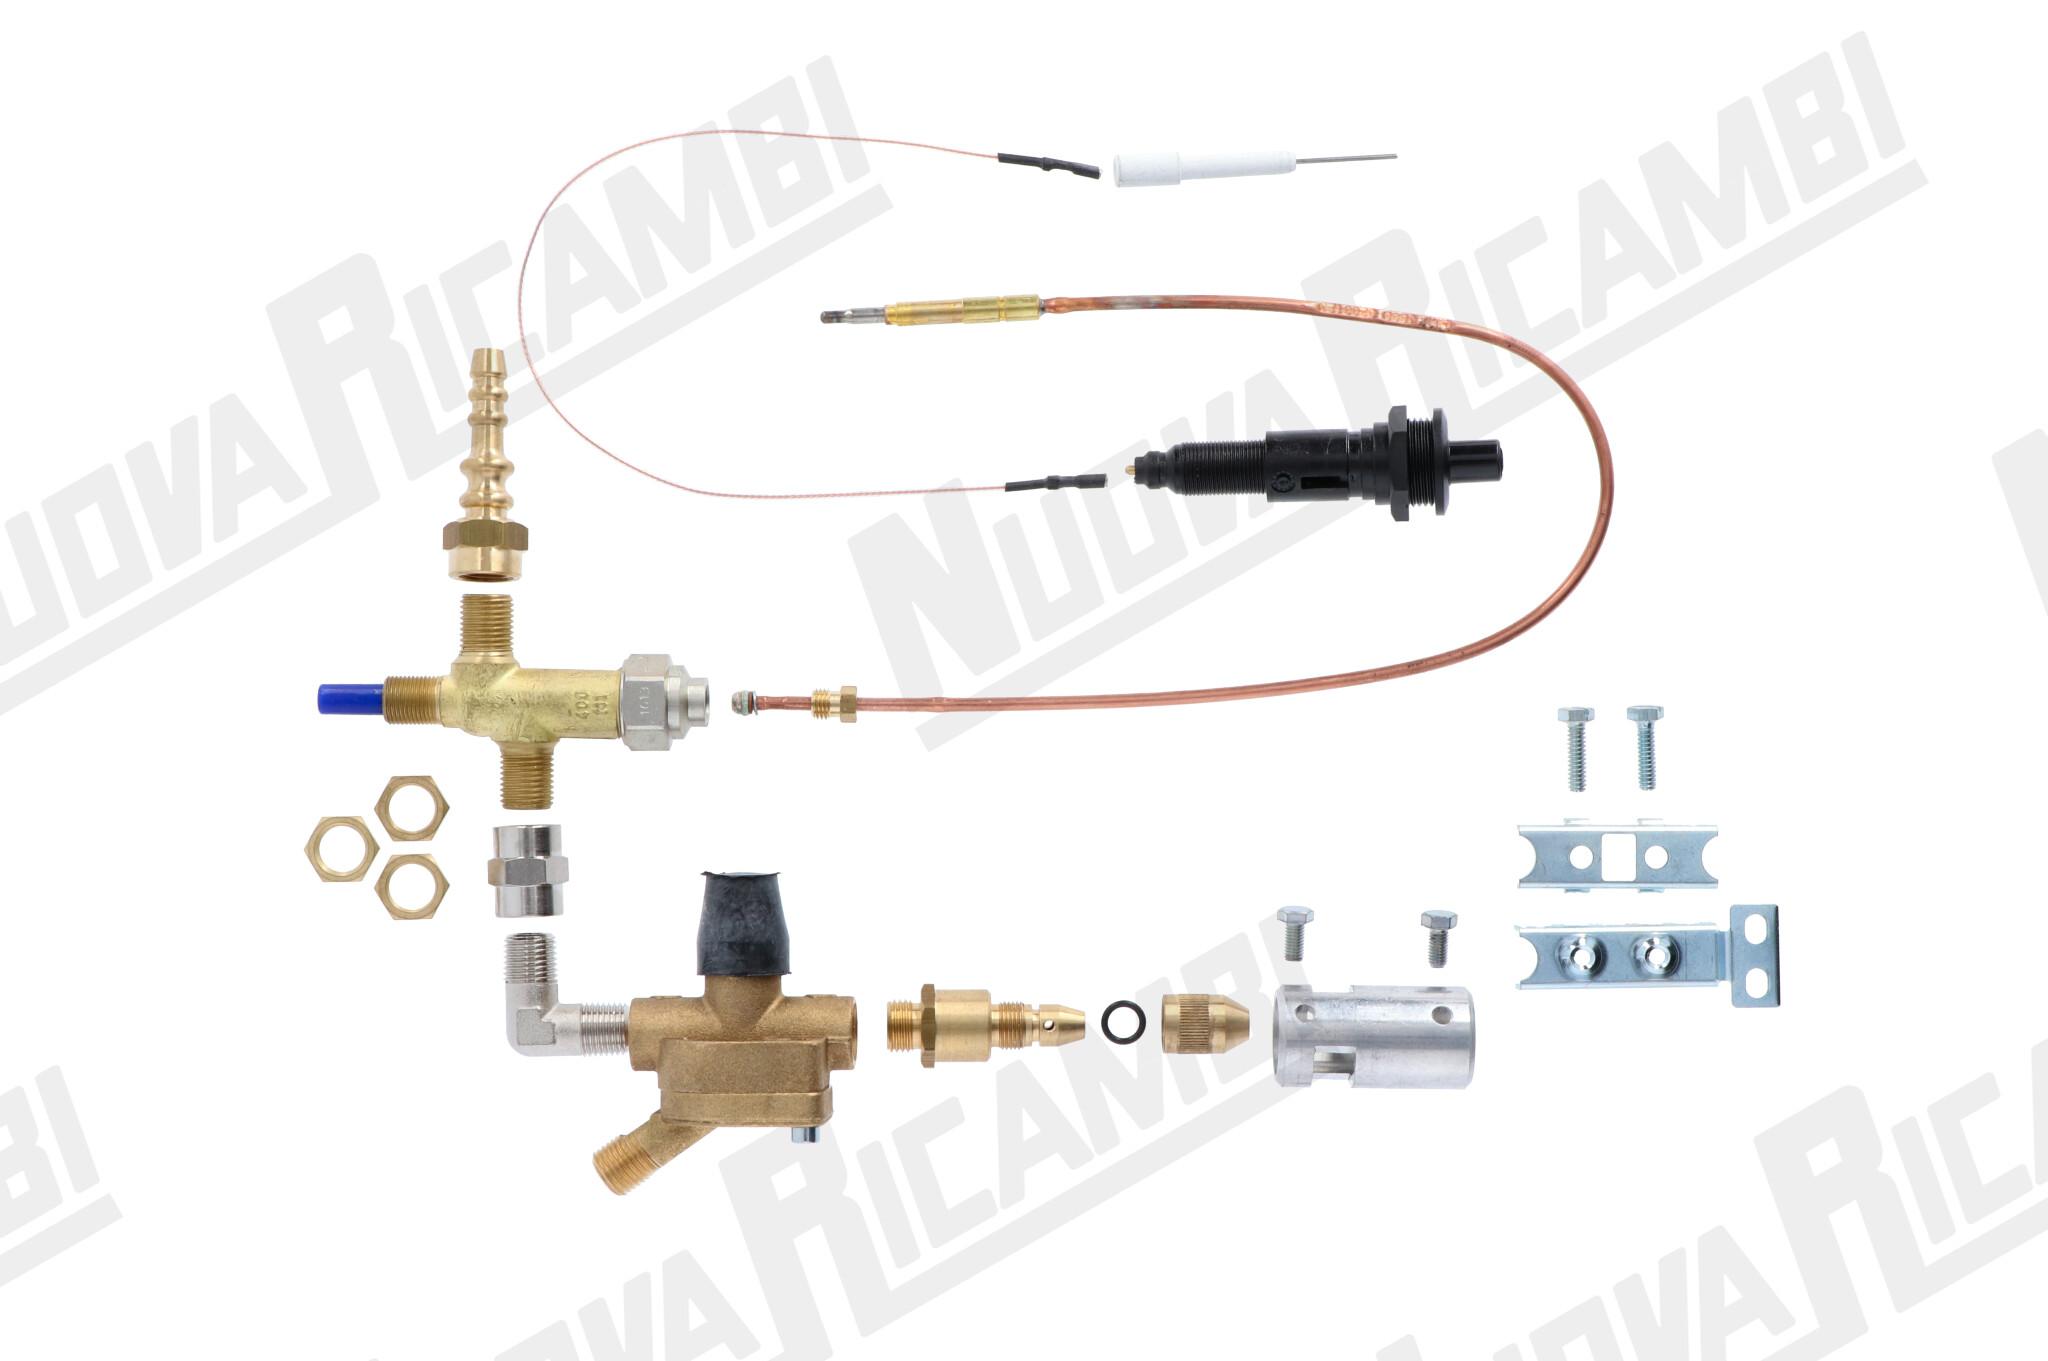 Kit gas rg10 dx for Rg italia osmosi